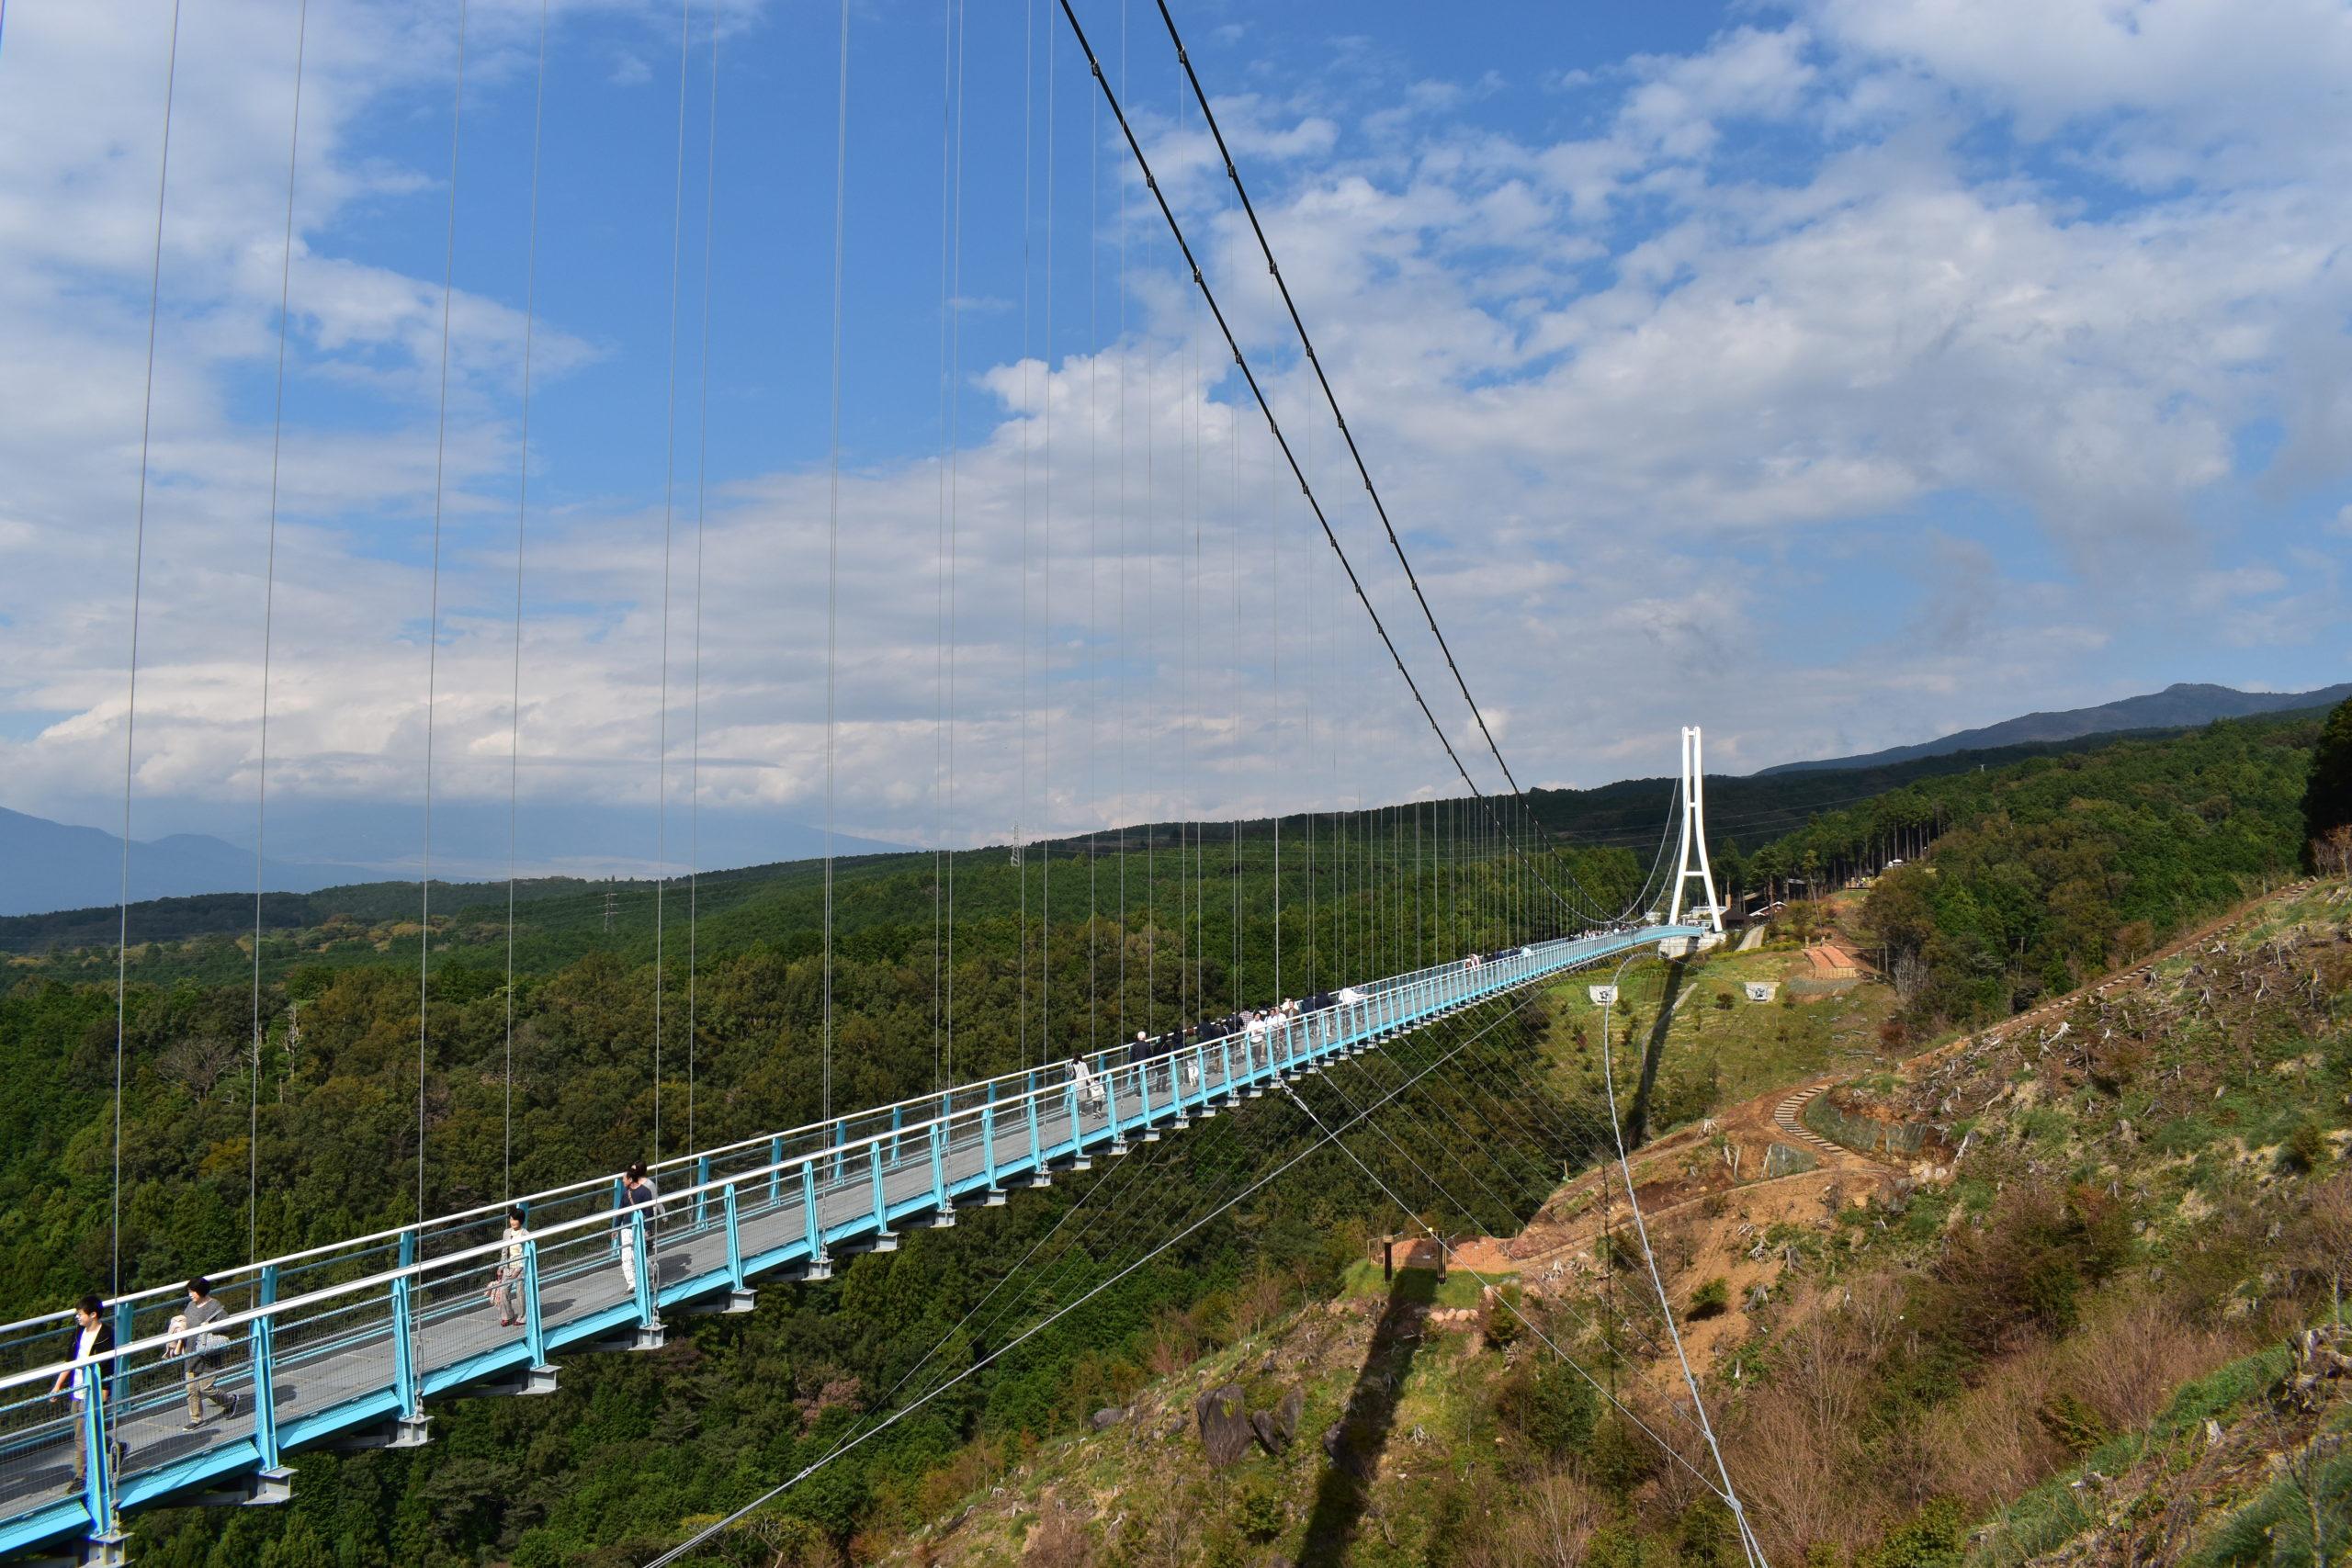 日本一の大吊橋!静岡県の三島スカイウォークへの行き方